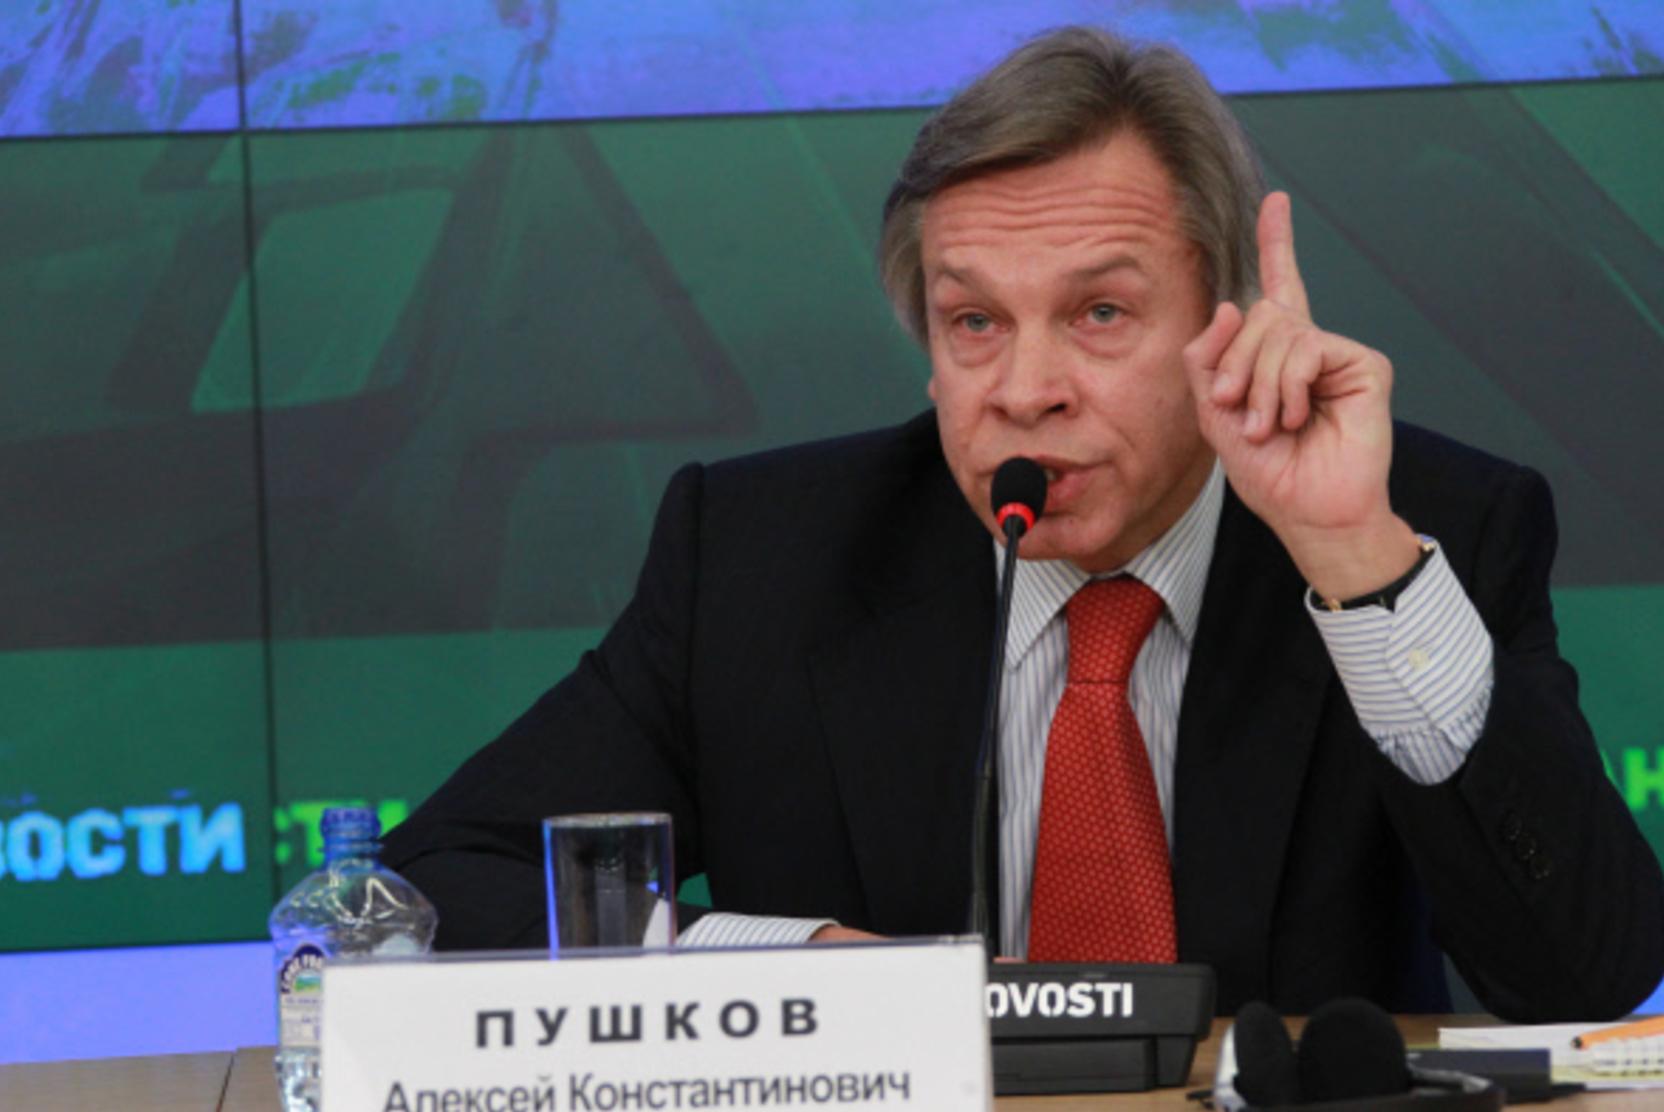 Пушков заявил, что импичмент Трампу вернутся Байдену бумерангом